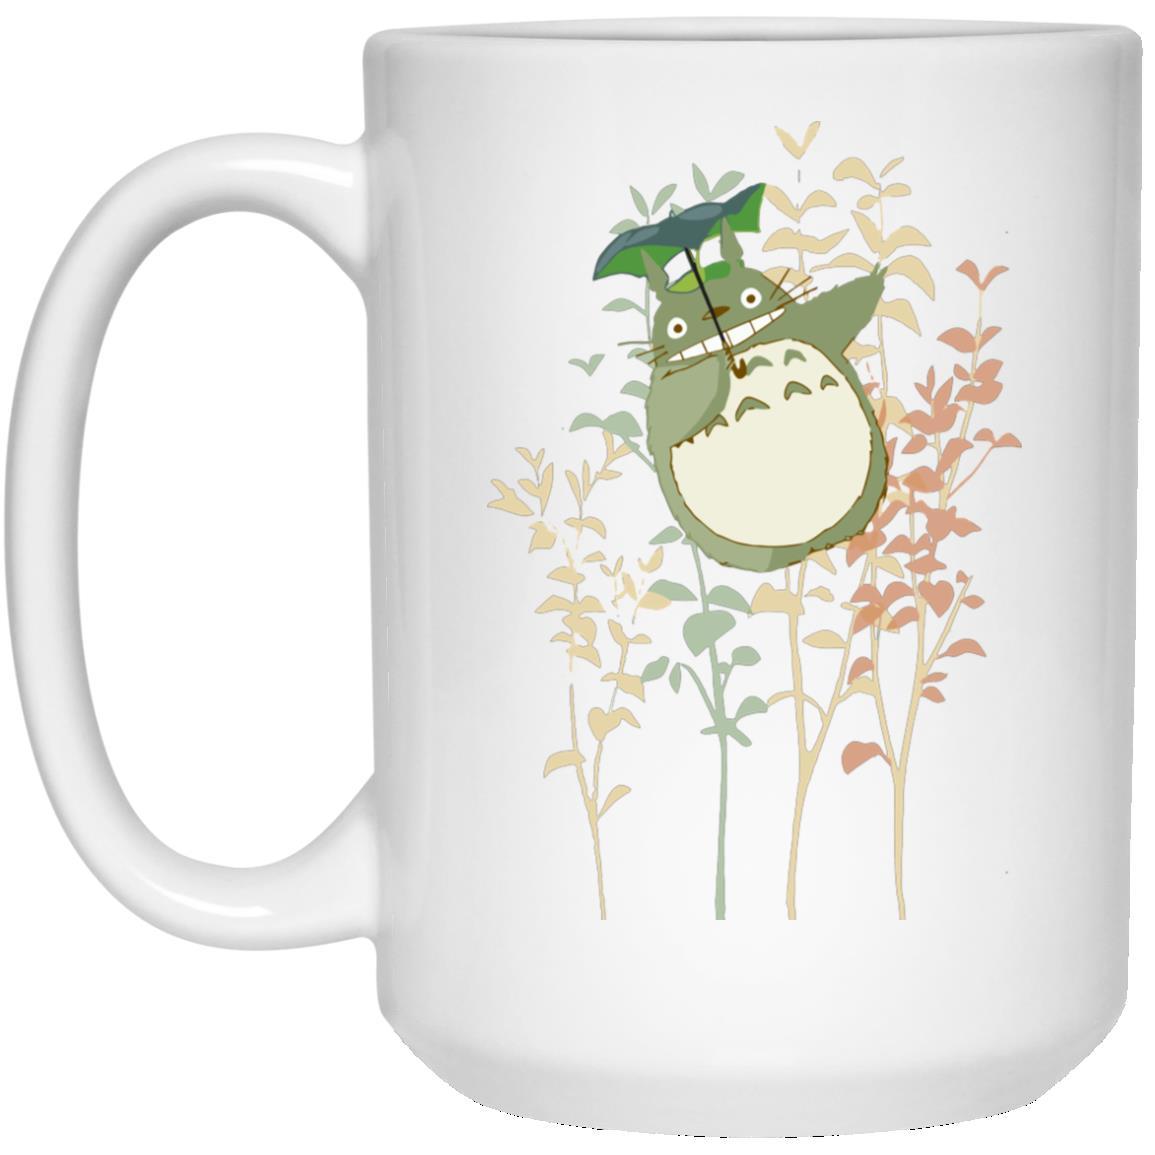 My Neighbor Totoro – Totoro and Umbrella Mug